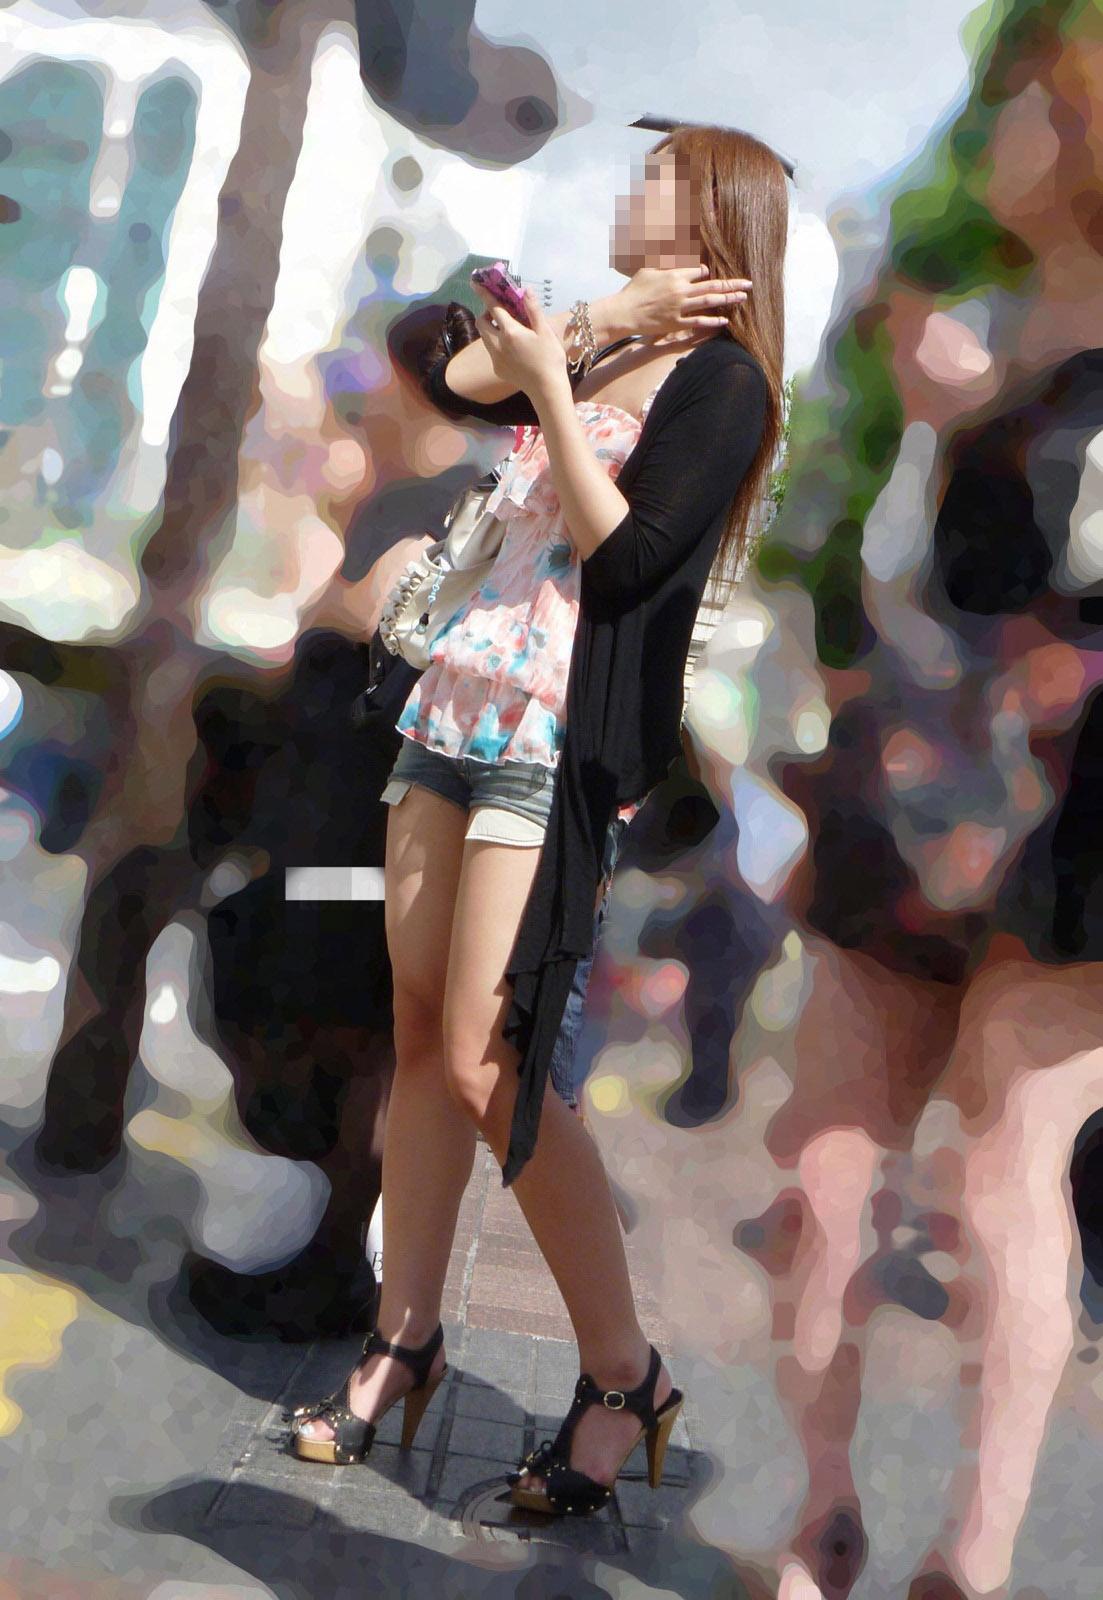 【美脚エロ画像】パンストも脱ぎ希望でw大人の女性も生がイイムッチリ美脚www 25